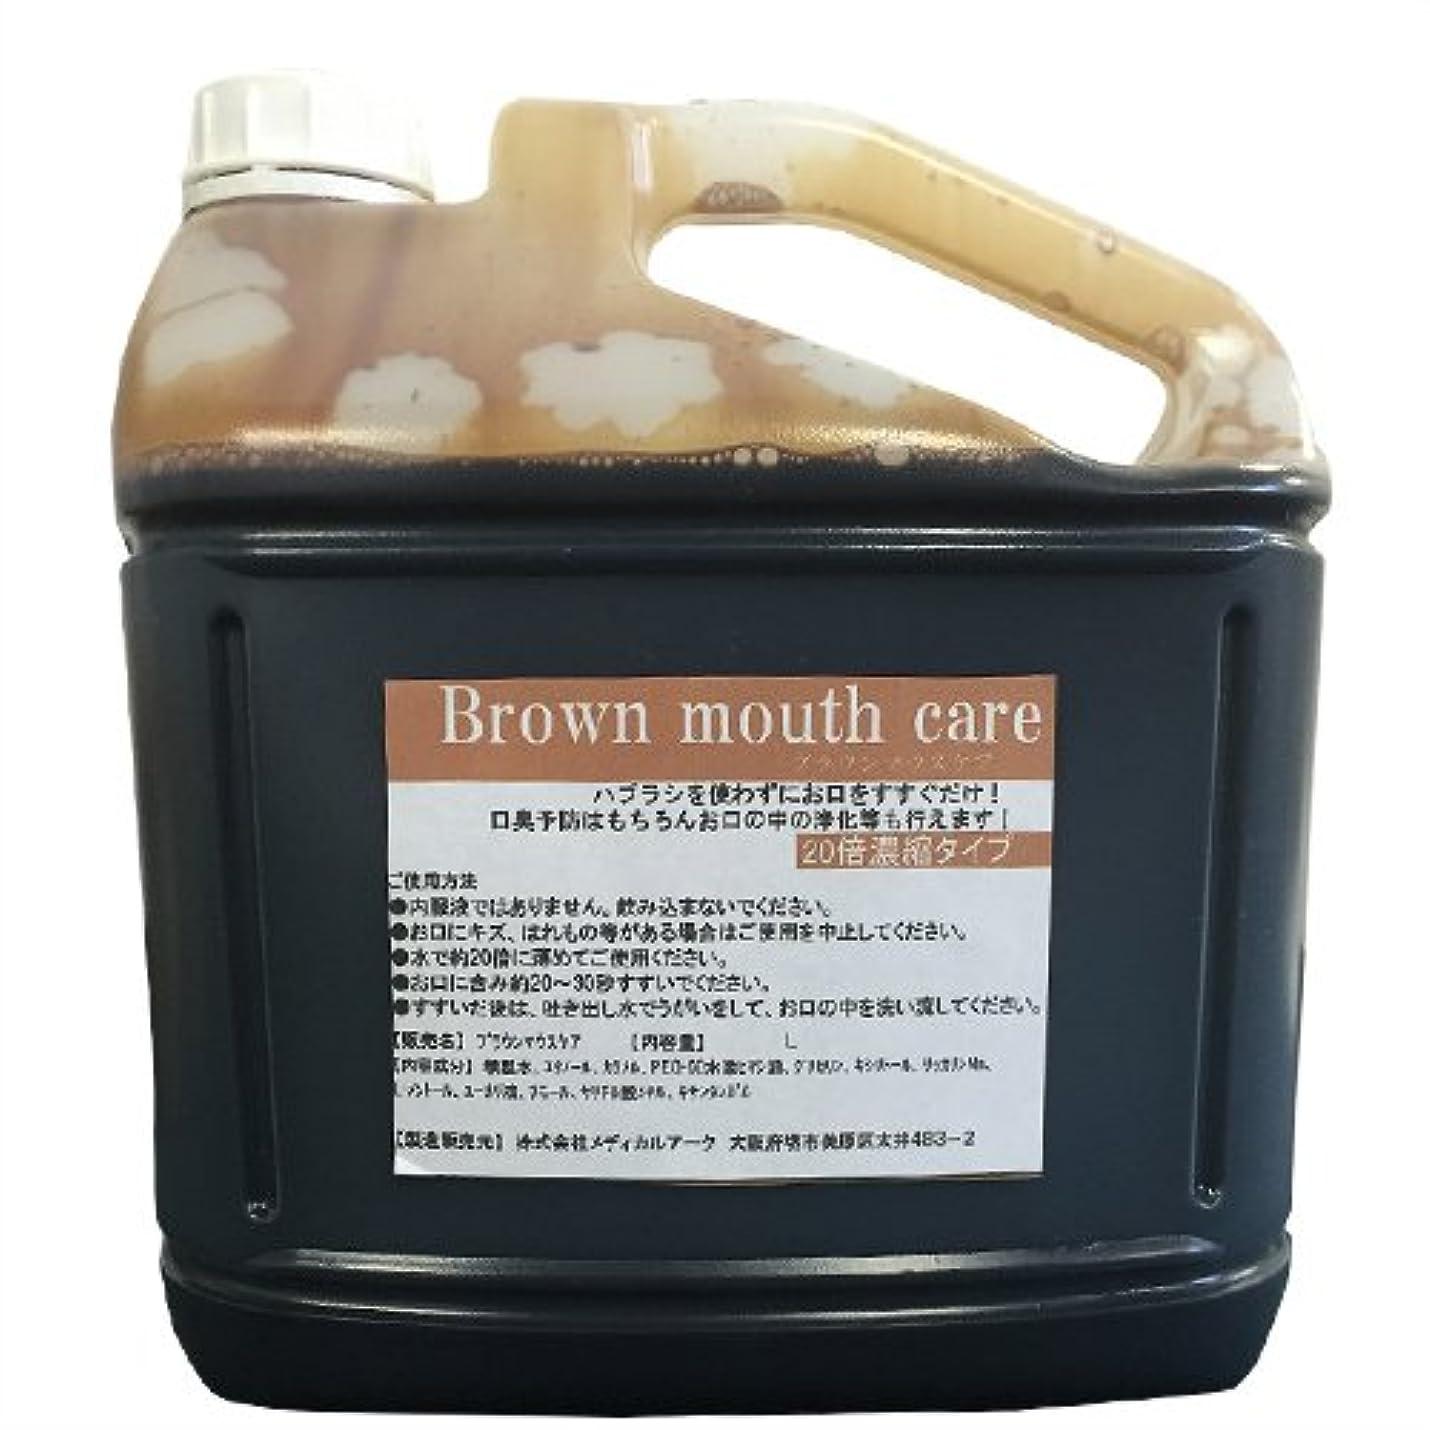 コンドームちょっと待って階業務用洗口液 ガーグル ブラウンマウスケア (Brown mouth care) 20倍濃縮タイプ 5L (詰め替えコック付き)